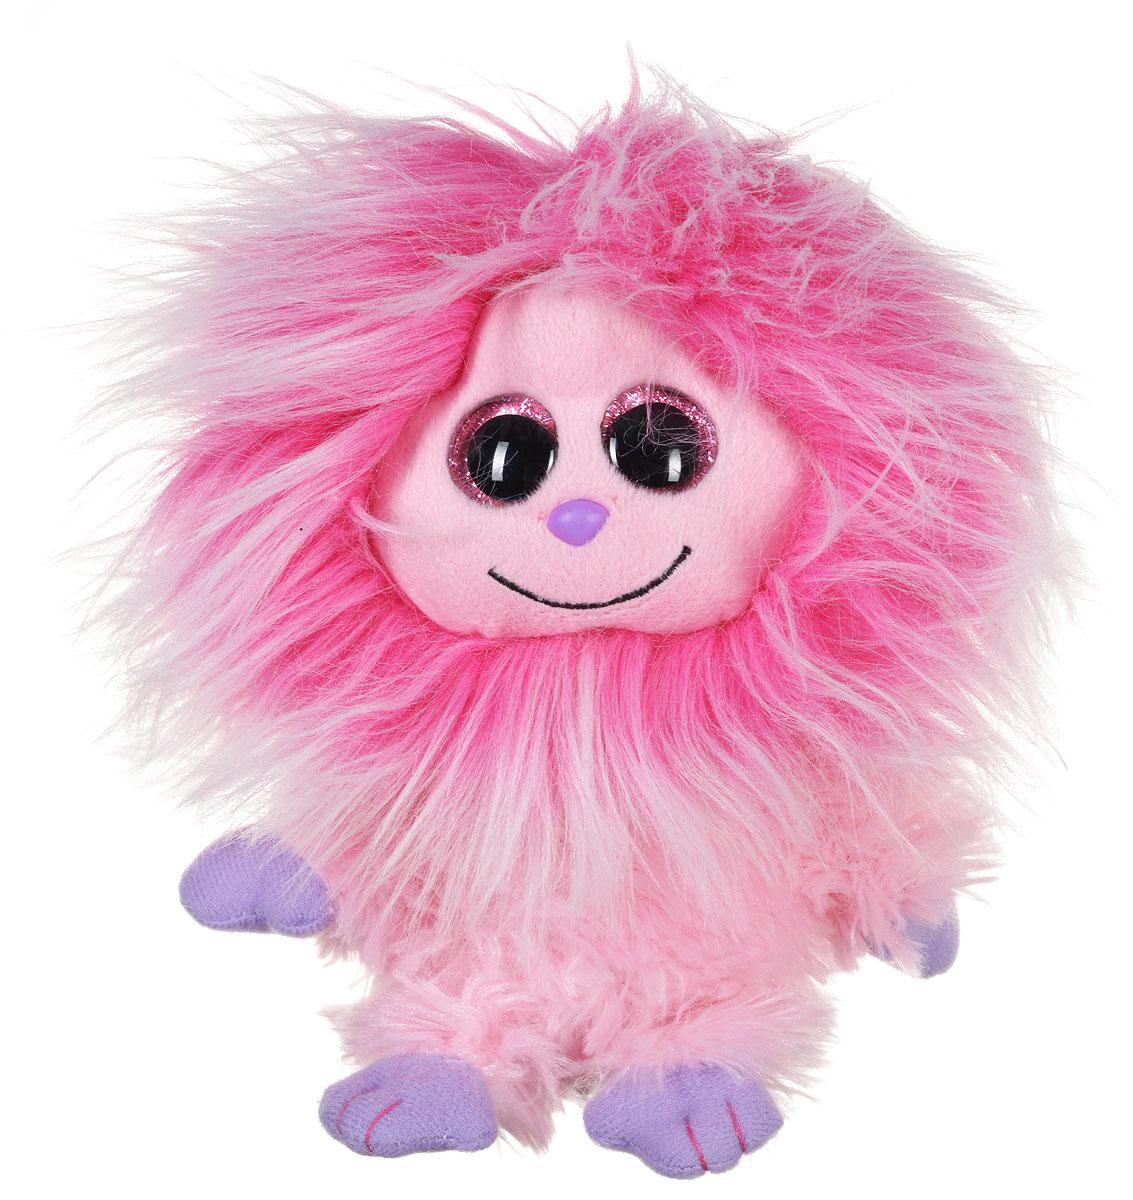 TY Мягкая игрушка Домовенок Kink 15 см ty мягкая игрушка брелок пони apple jack 10 см